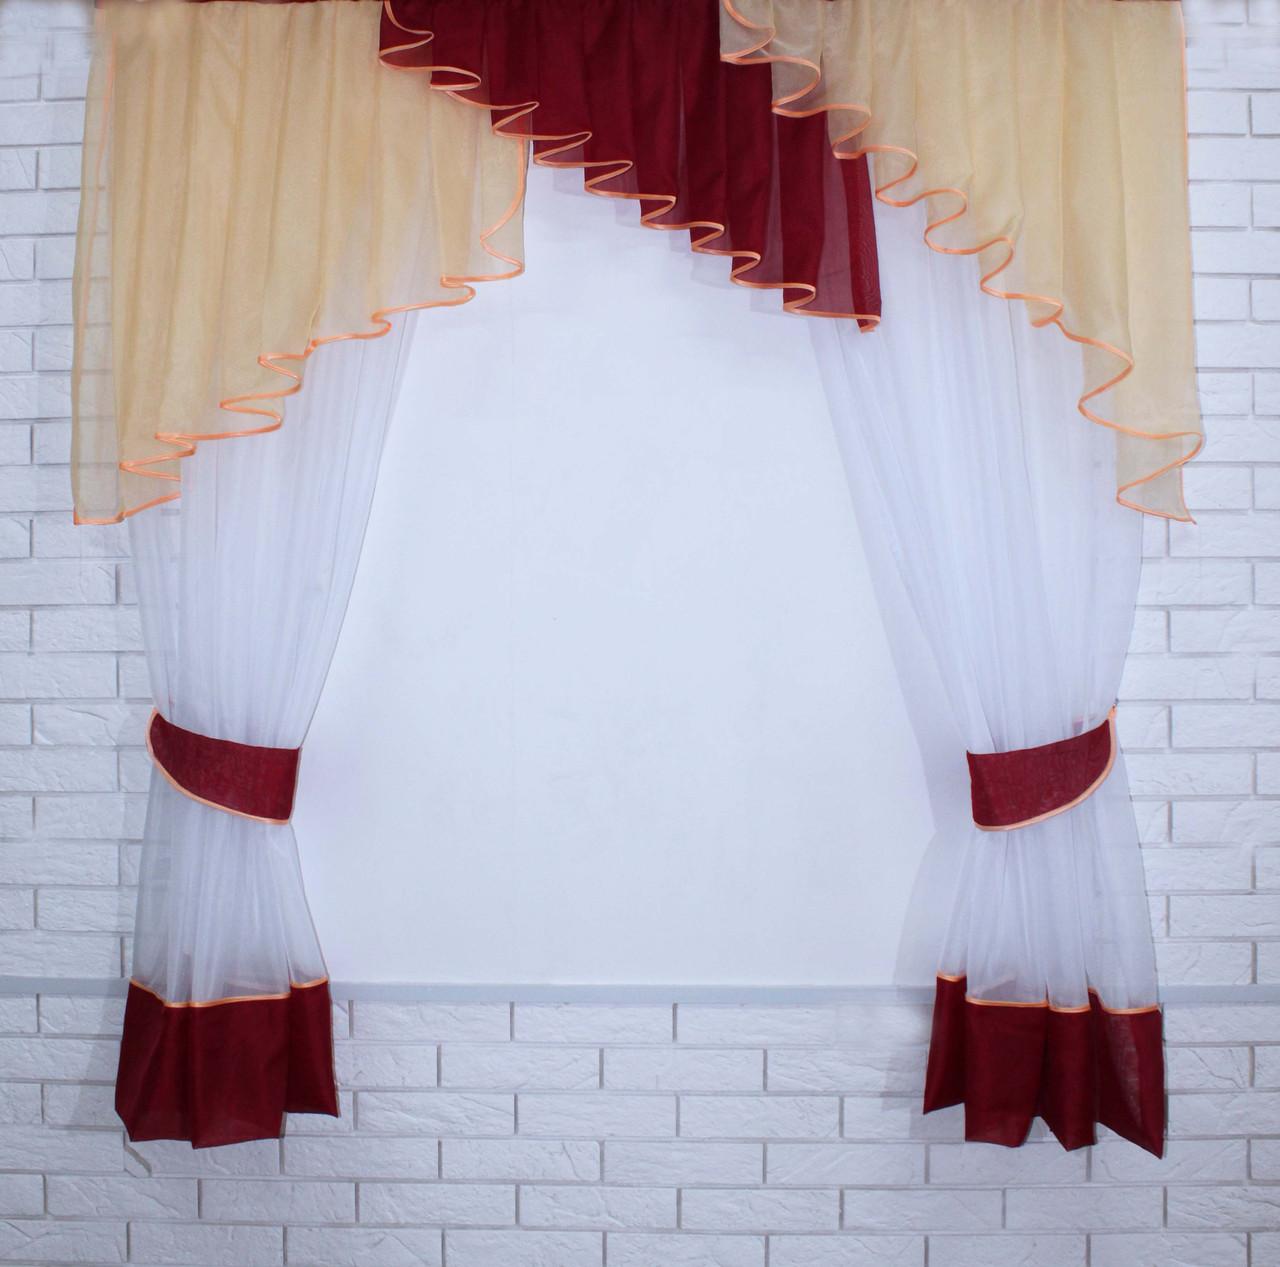 Кухонная занавесь, шторки с ламбрекеном. Цвет янтарный с бордовым. На карниз 1,5-2м. №49